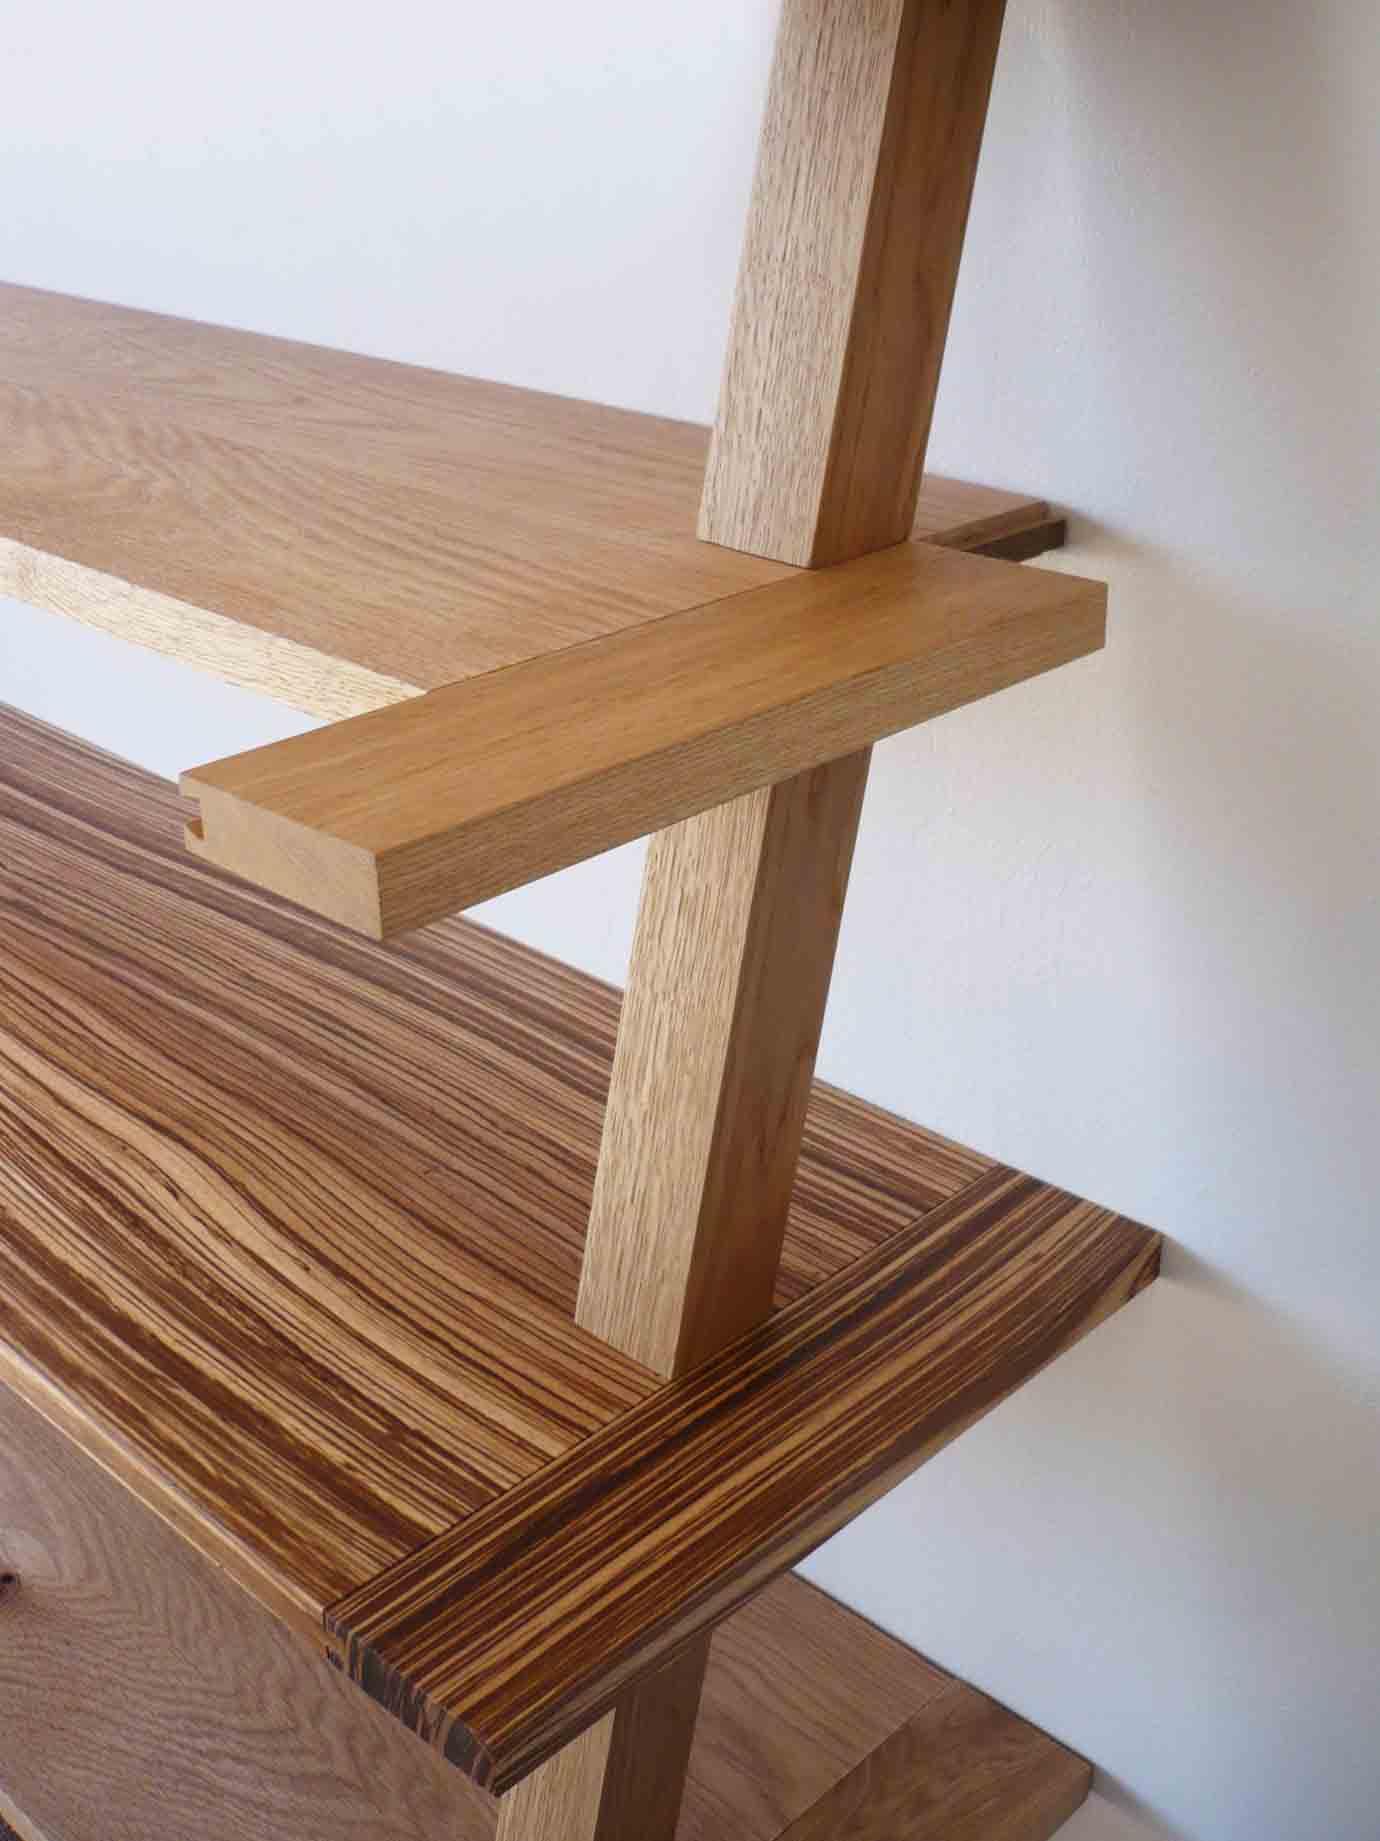 b niste cr ateur fabricant de biblioth que et tag re contemporaine atelier helbecque 94 ile. Black Bedroom Furniture Sets. Home Design Ideas